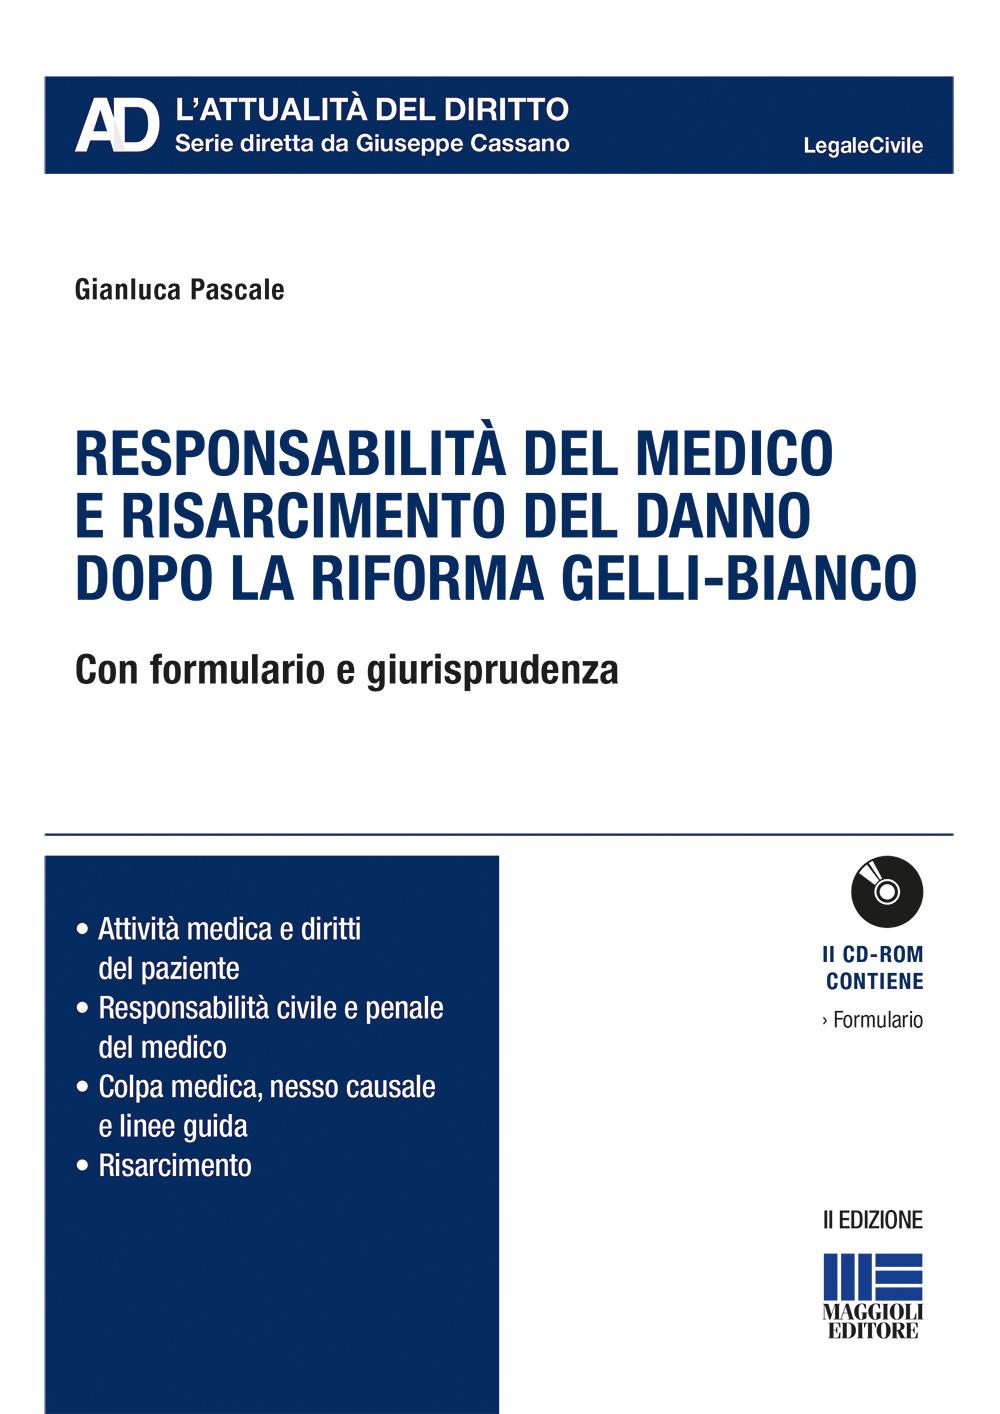 Responsabilità del medico e risarcimento del danno dopo la riforma Gelli-Bianco